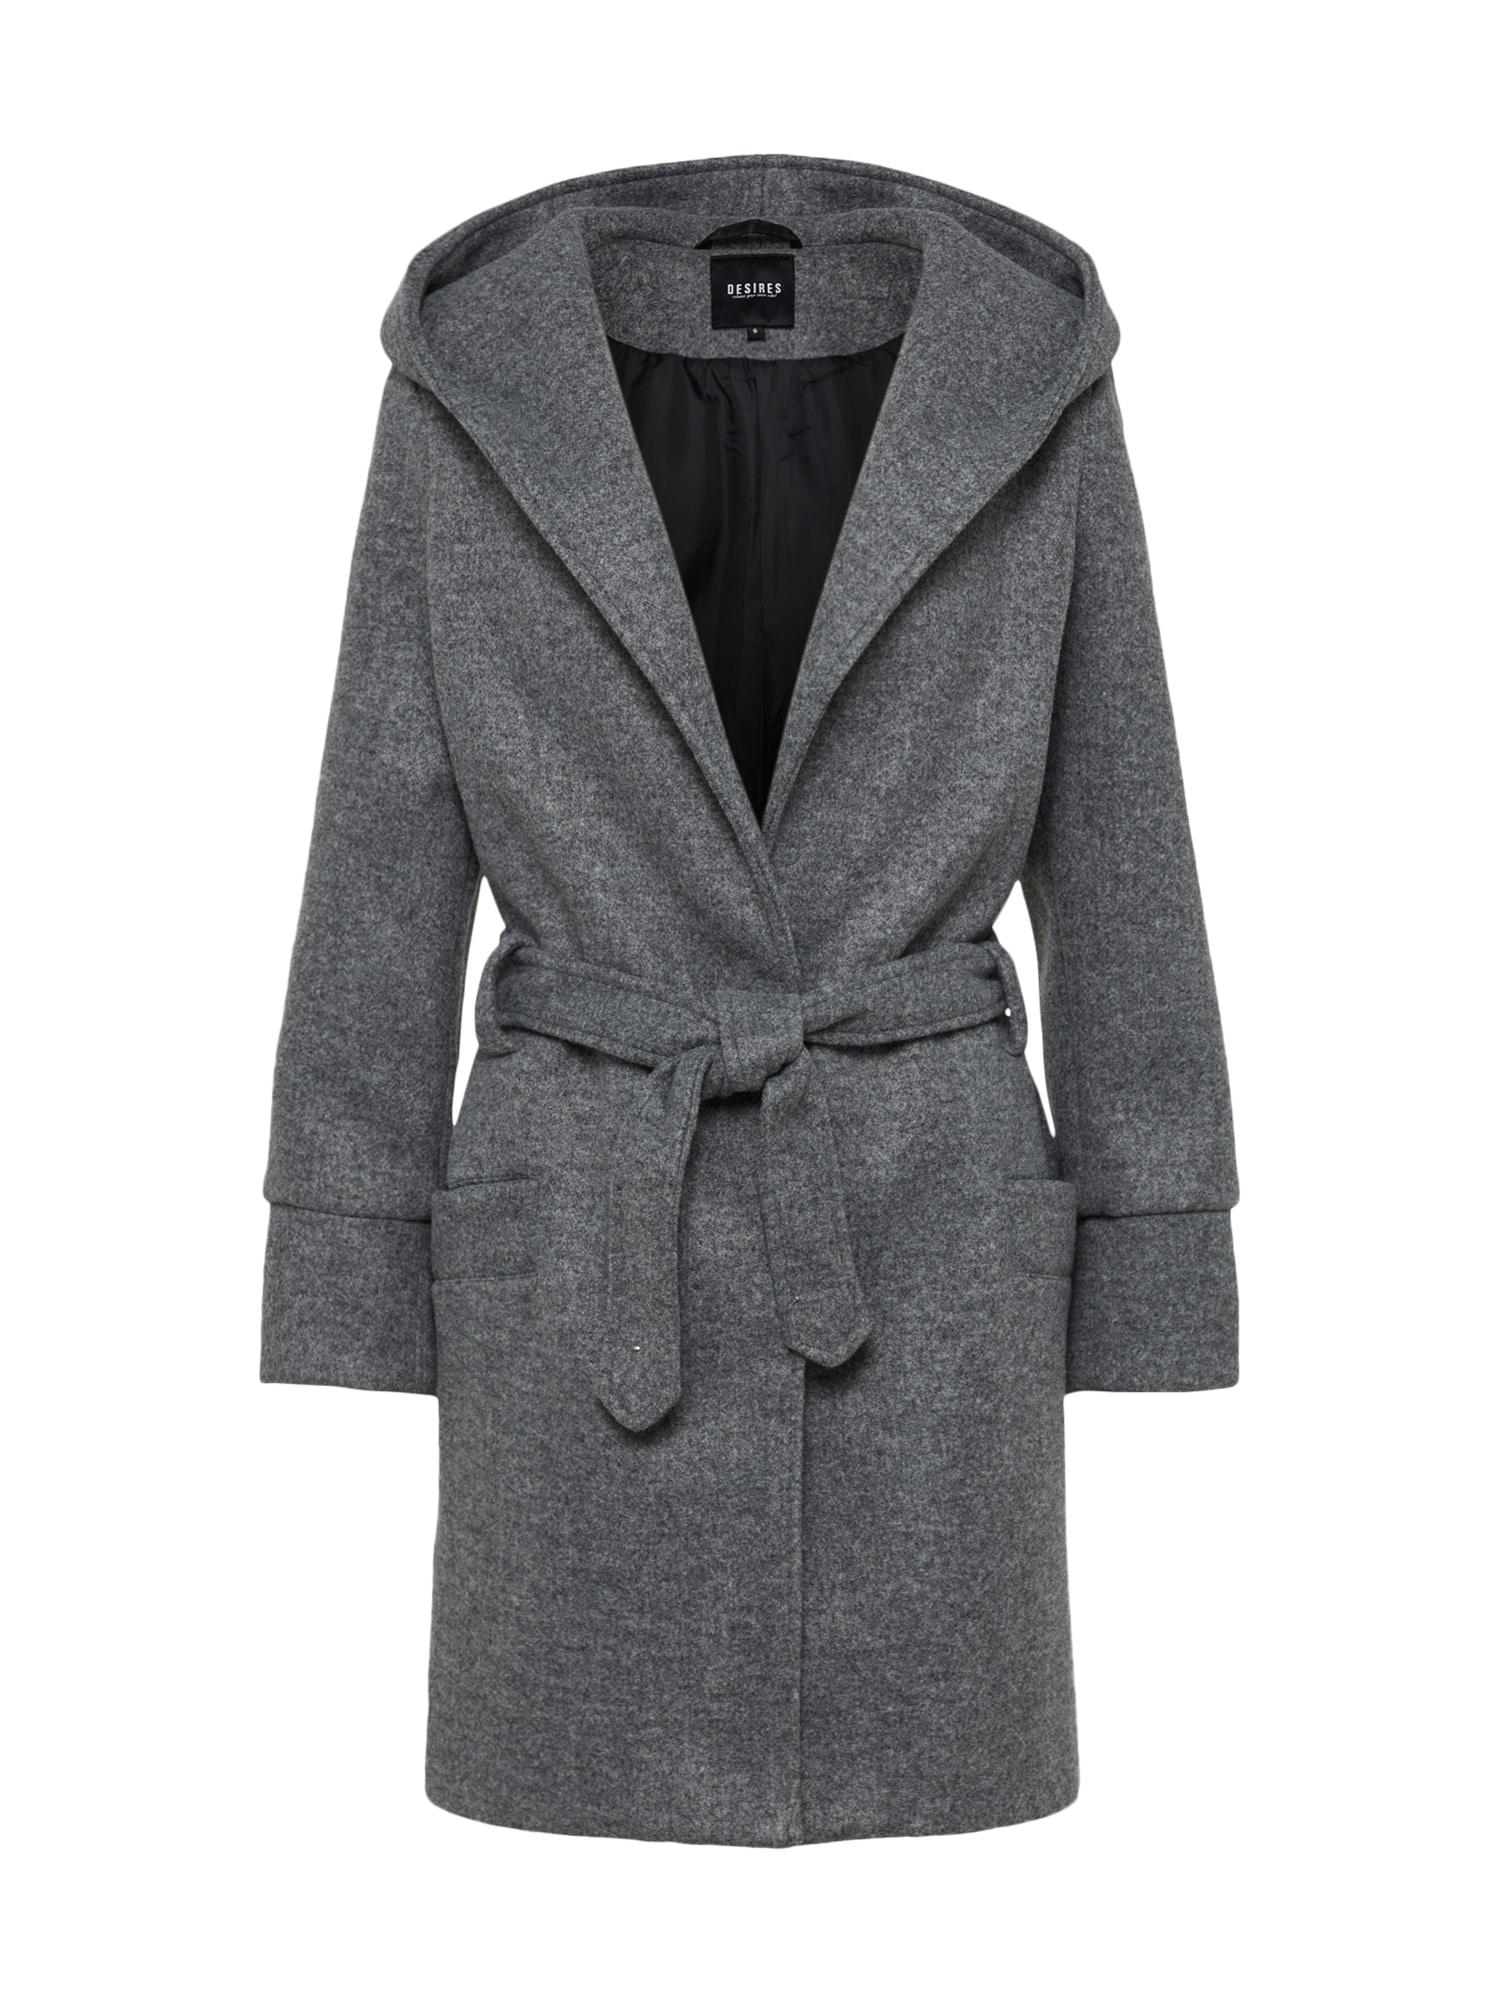 Desires Žieminis paltas 'Refika' pilka